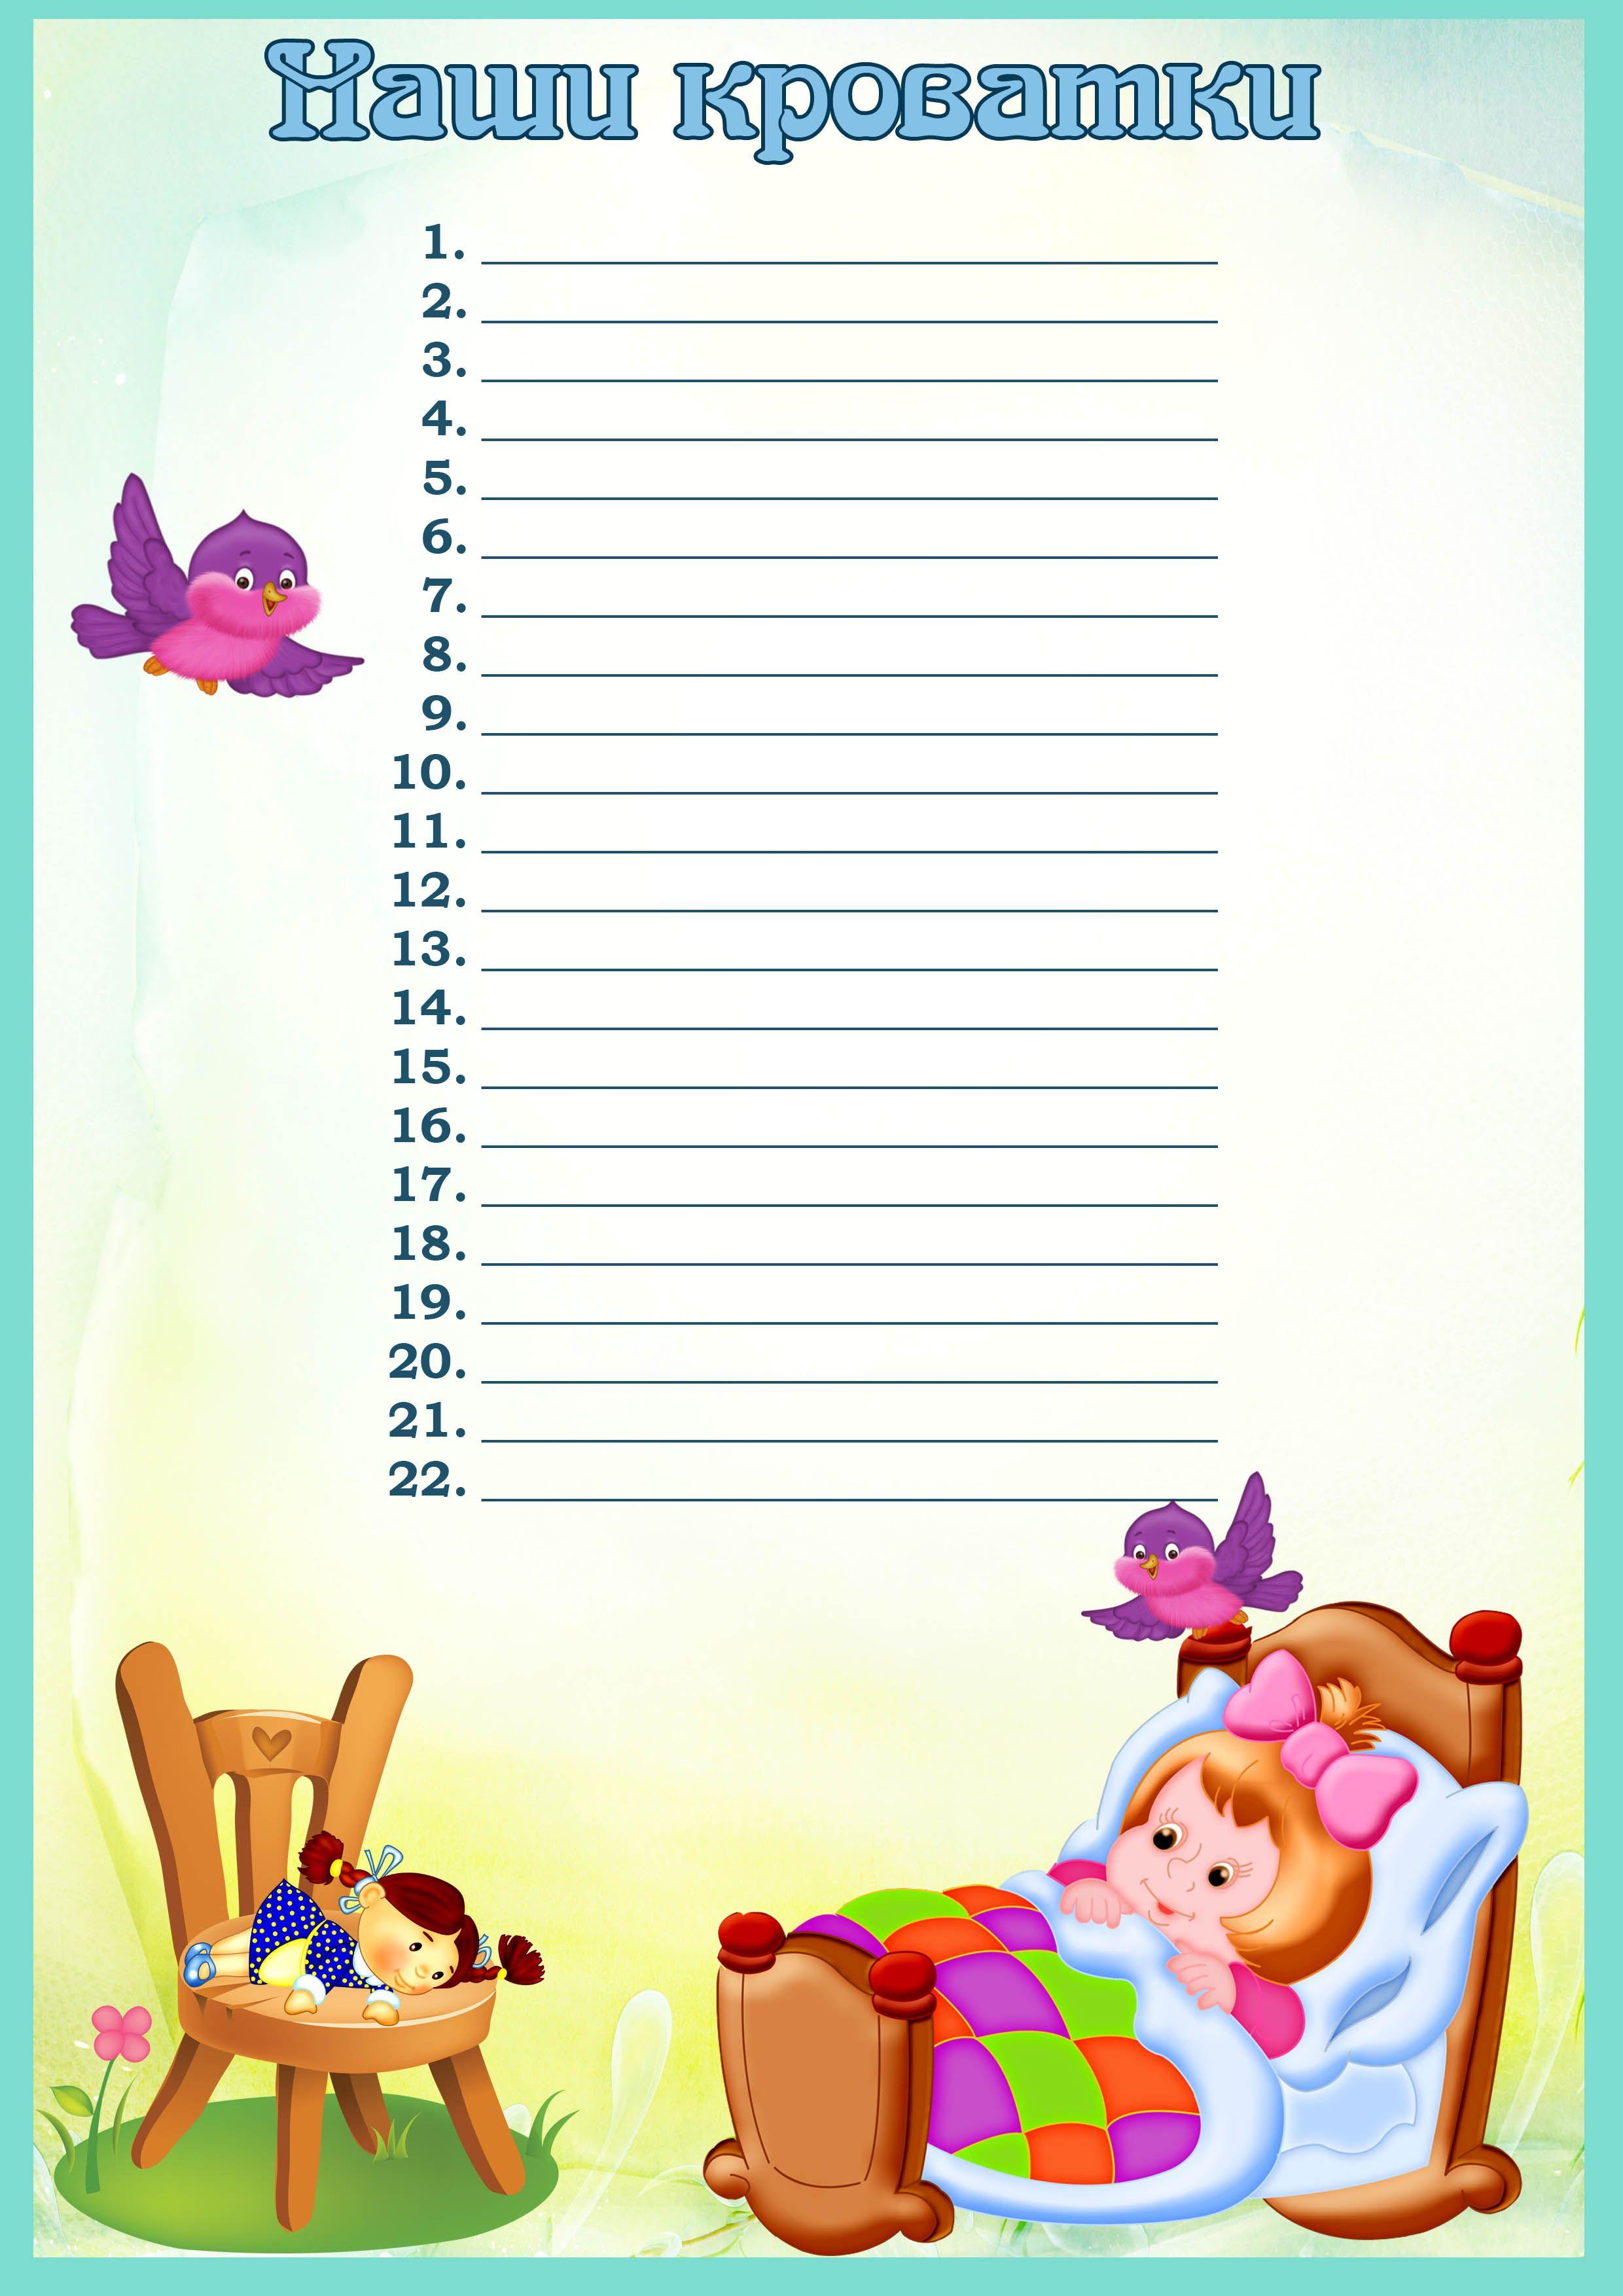 thebestartt.com / картинка список на шкафчики | Шаблоны ...